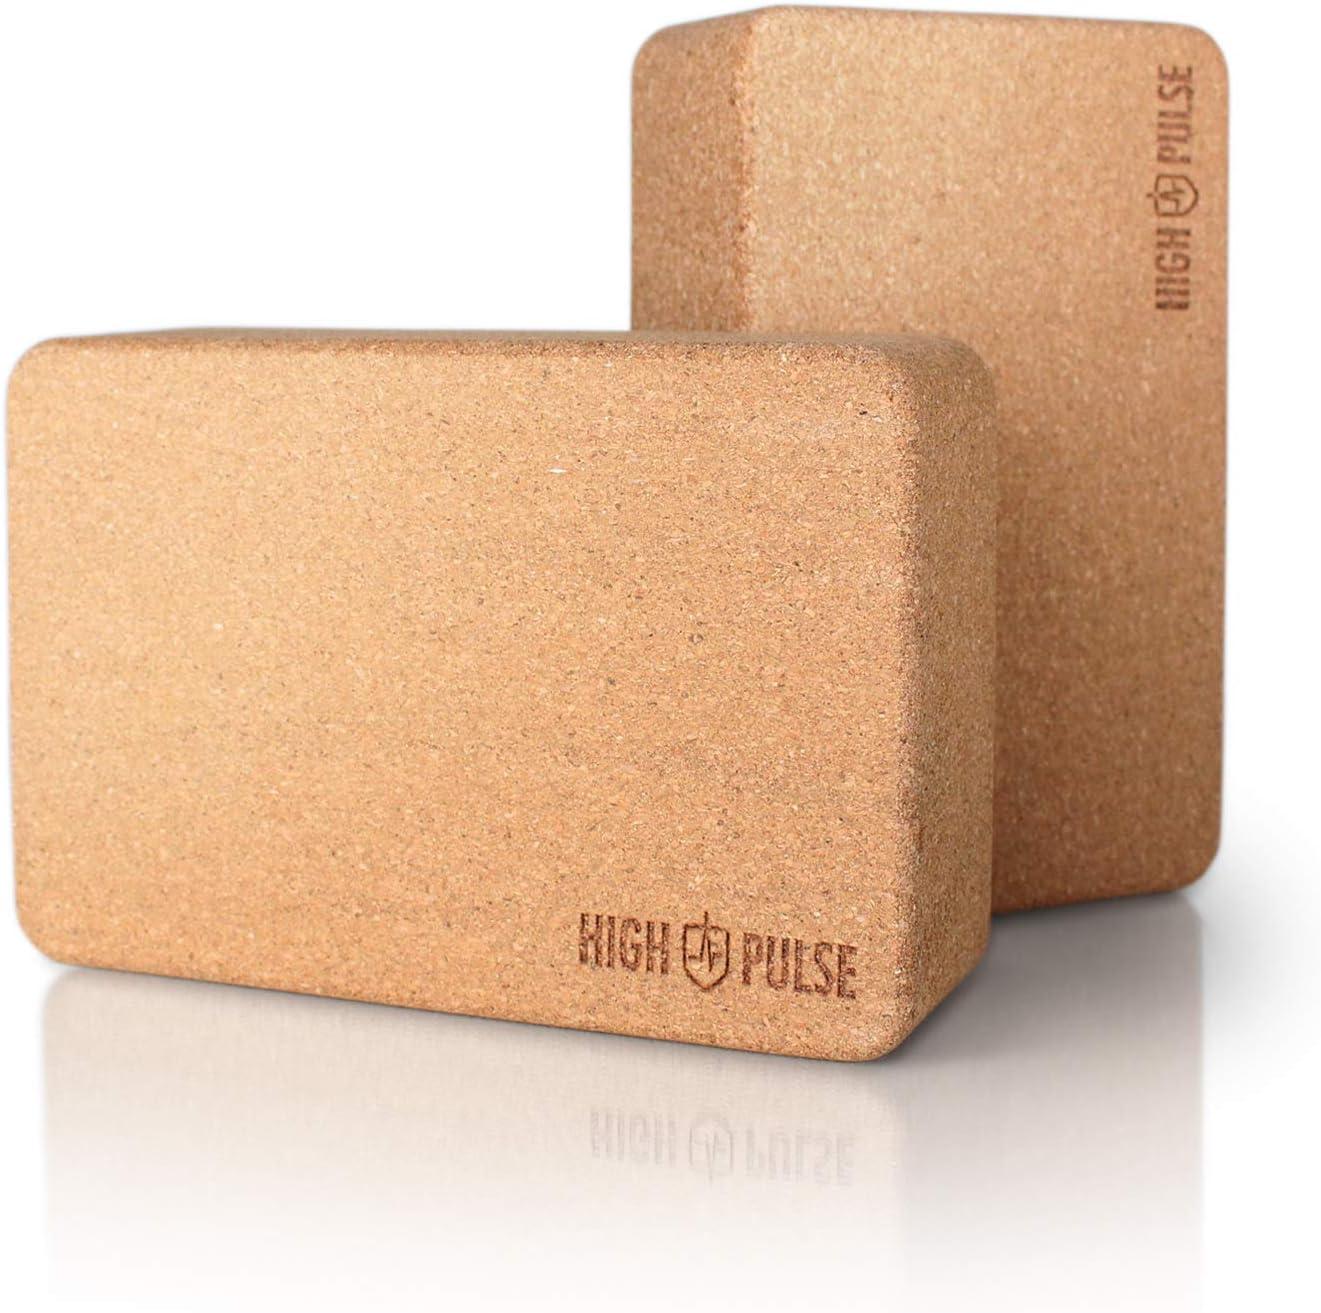 pilates entrenamiento 2 bloques de corcho natural para yoga gimnasio fitness proporciona apoyo de equilibrio.